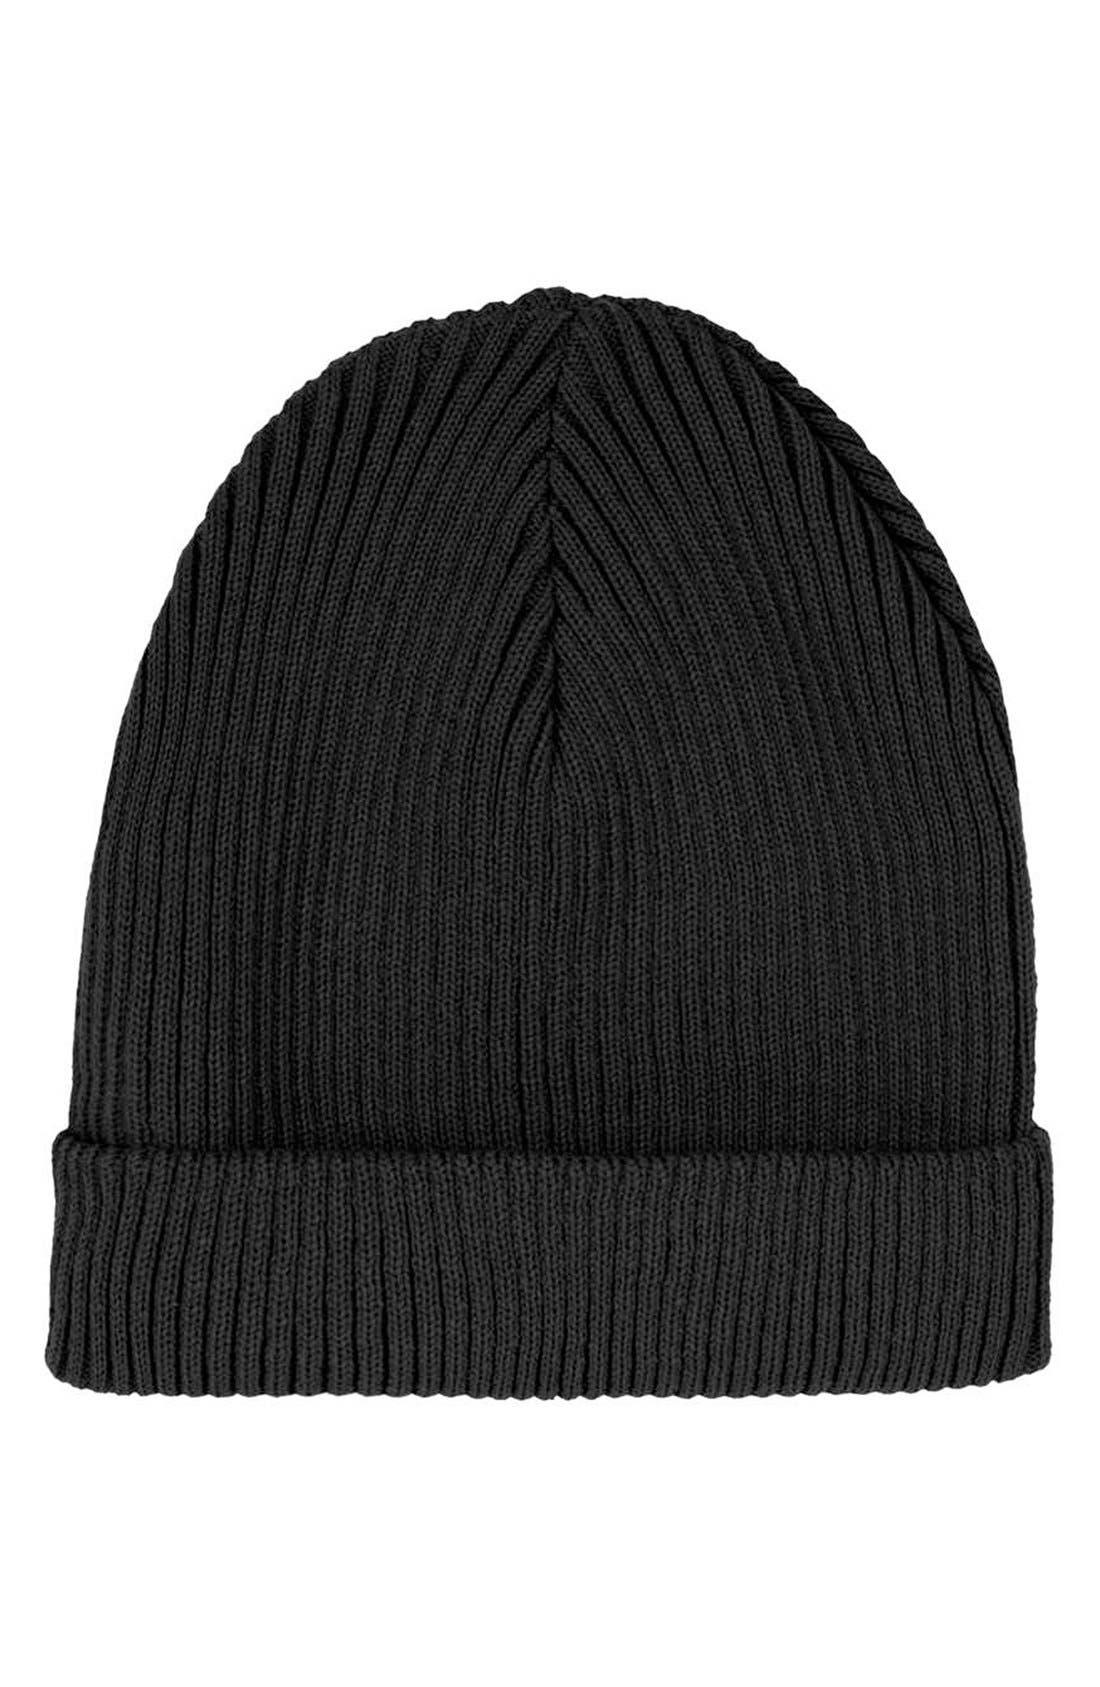 Main Image - Topshop Rib Knit Beanie